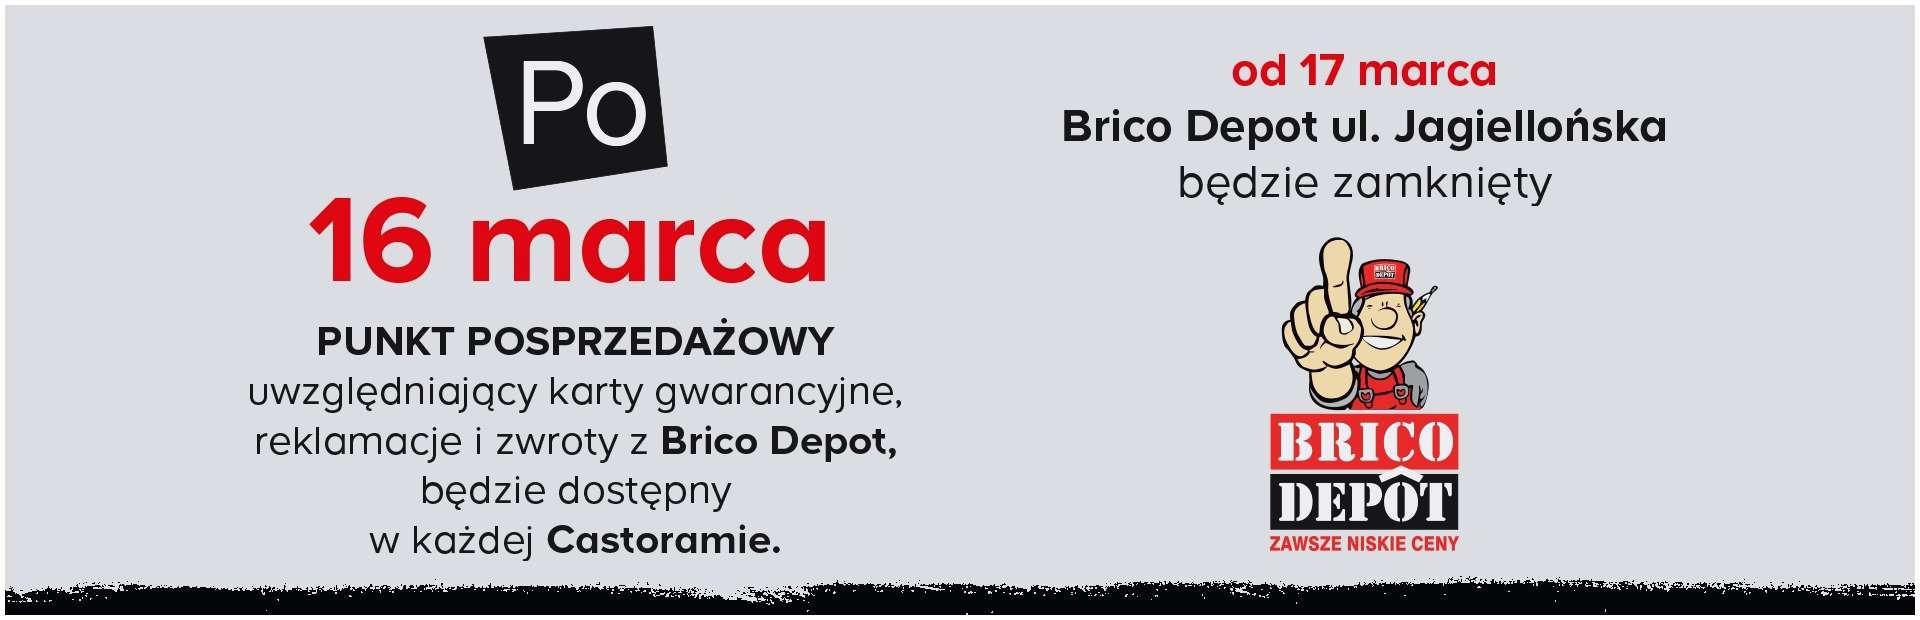 castorama beziers catalogue brico depot beziers 34 catalogue frais 46 unique de pellet brico depot le meilleur de brico depot beziers 34 catalogue impressionnant horaire pour alternative cas